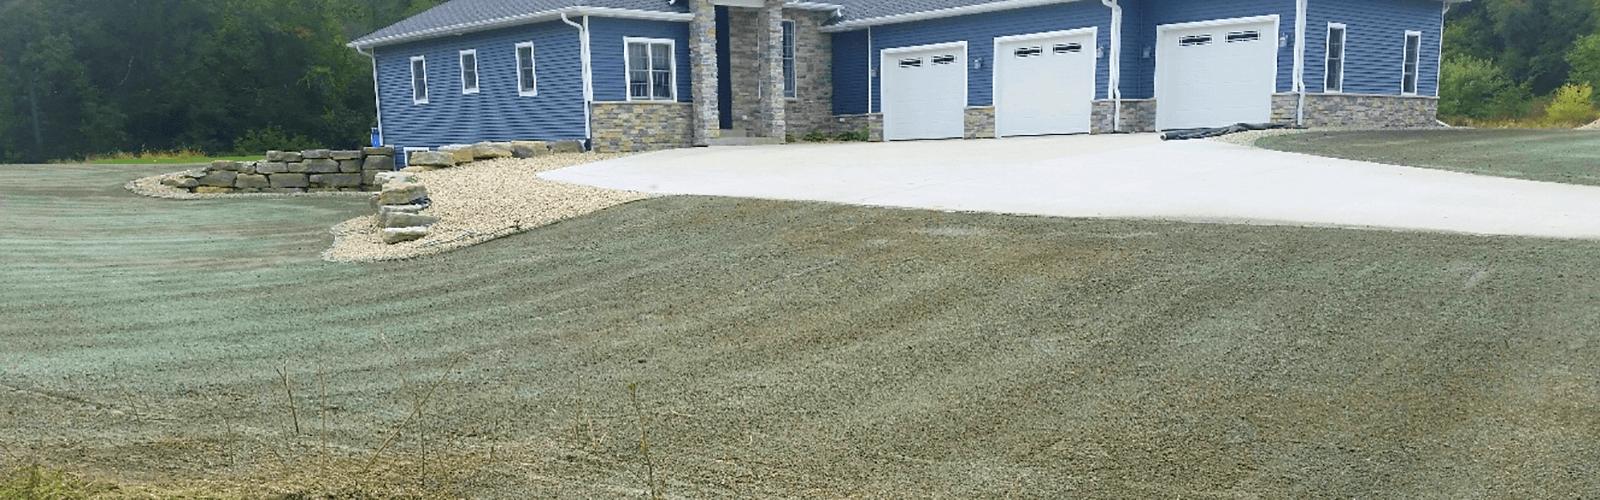 Ultragreen Hydroseeding